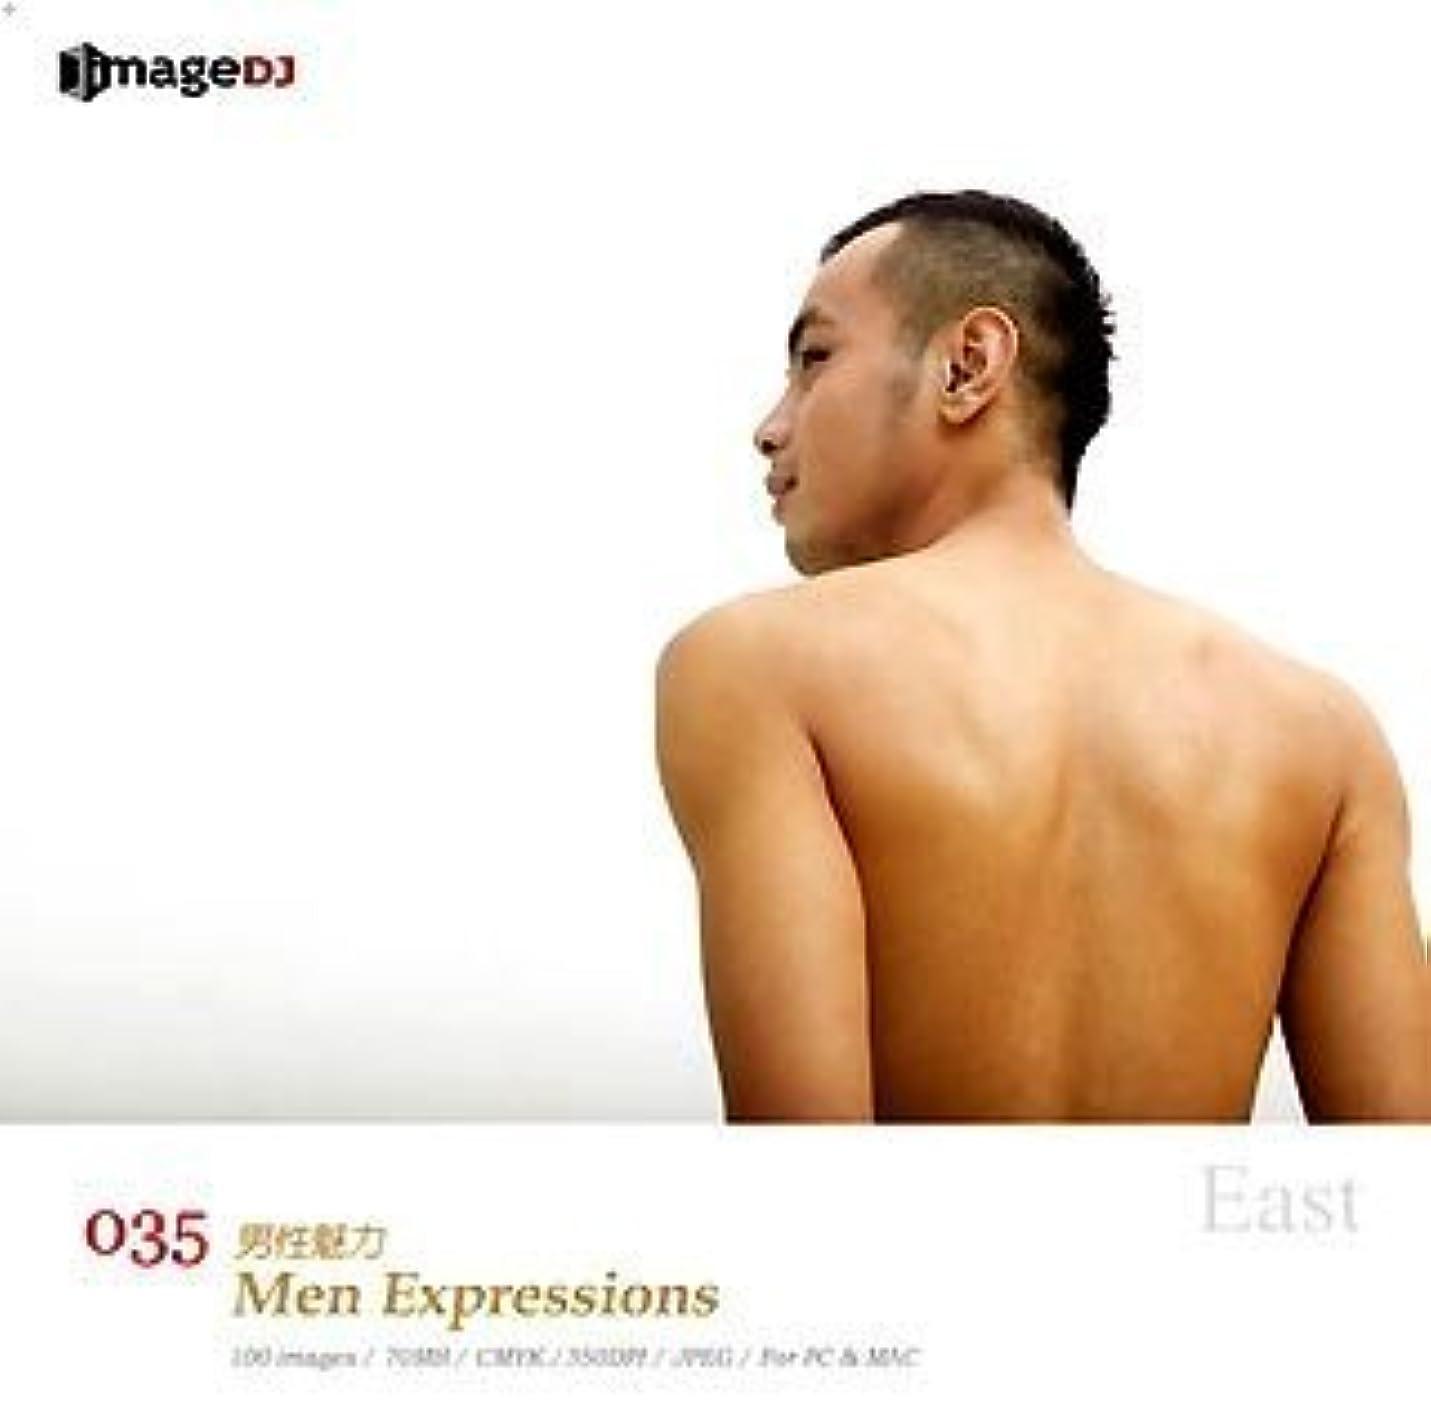 ダイアクリティカルリボン兄弟愛EAST vol.35 男性表現 Men Expressions